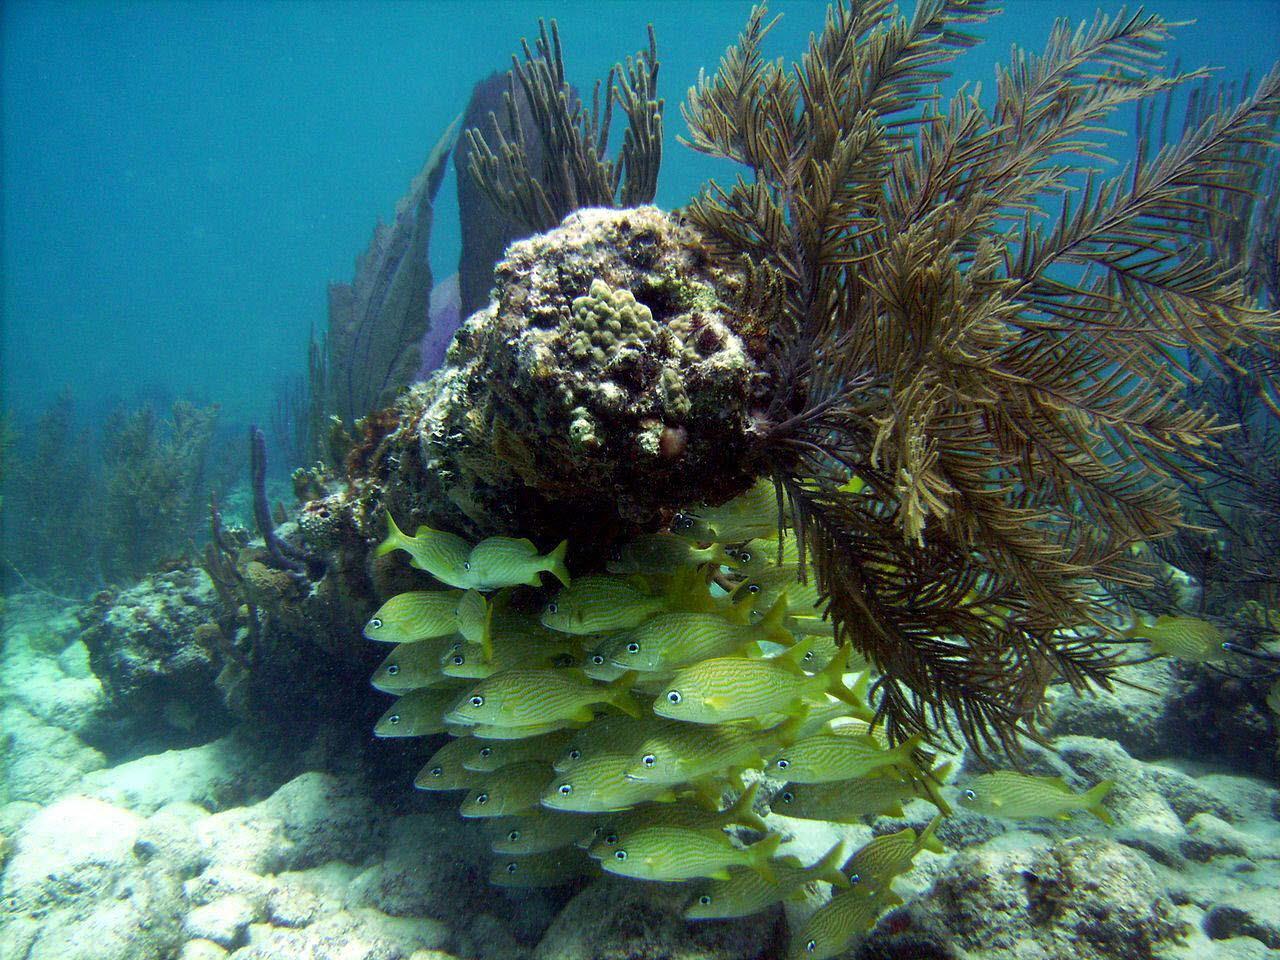 Los arrecifes del Caribe pueden desaparecer en 20 años